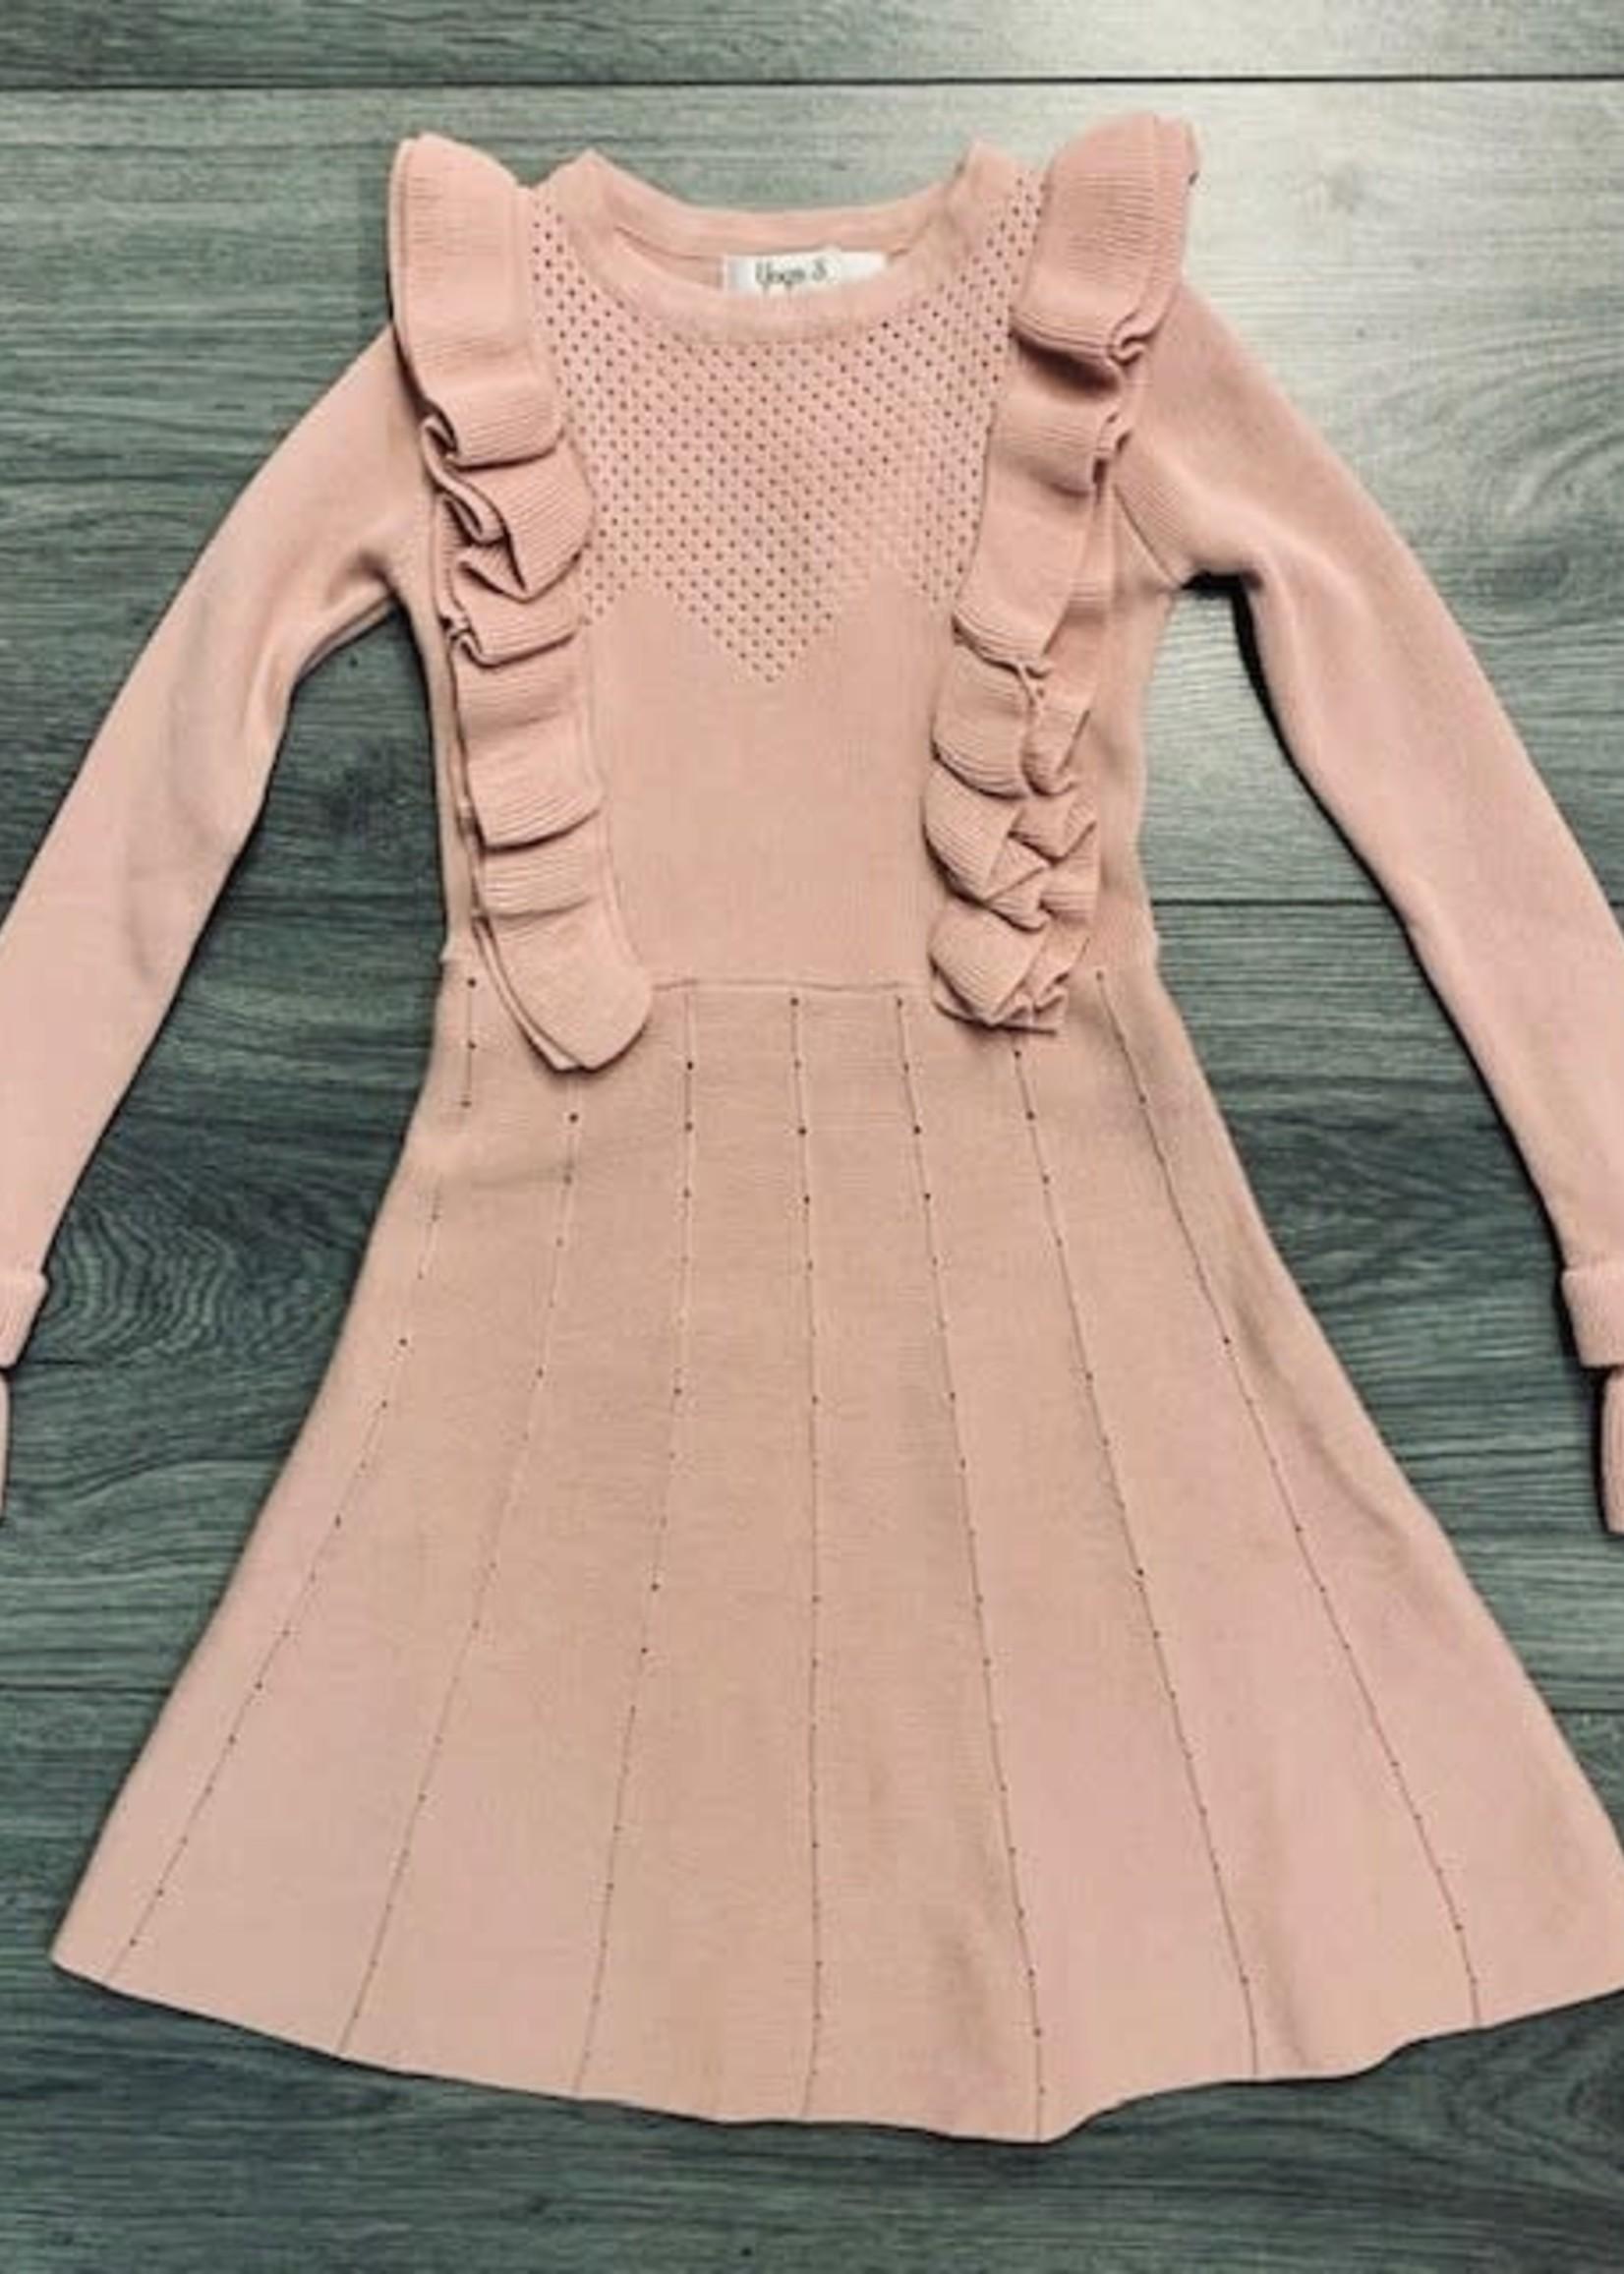 Divanis DIVANIS CHIQUE DRESS PINK